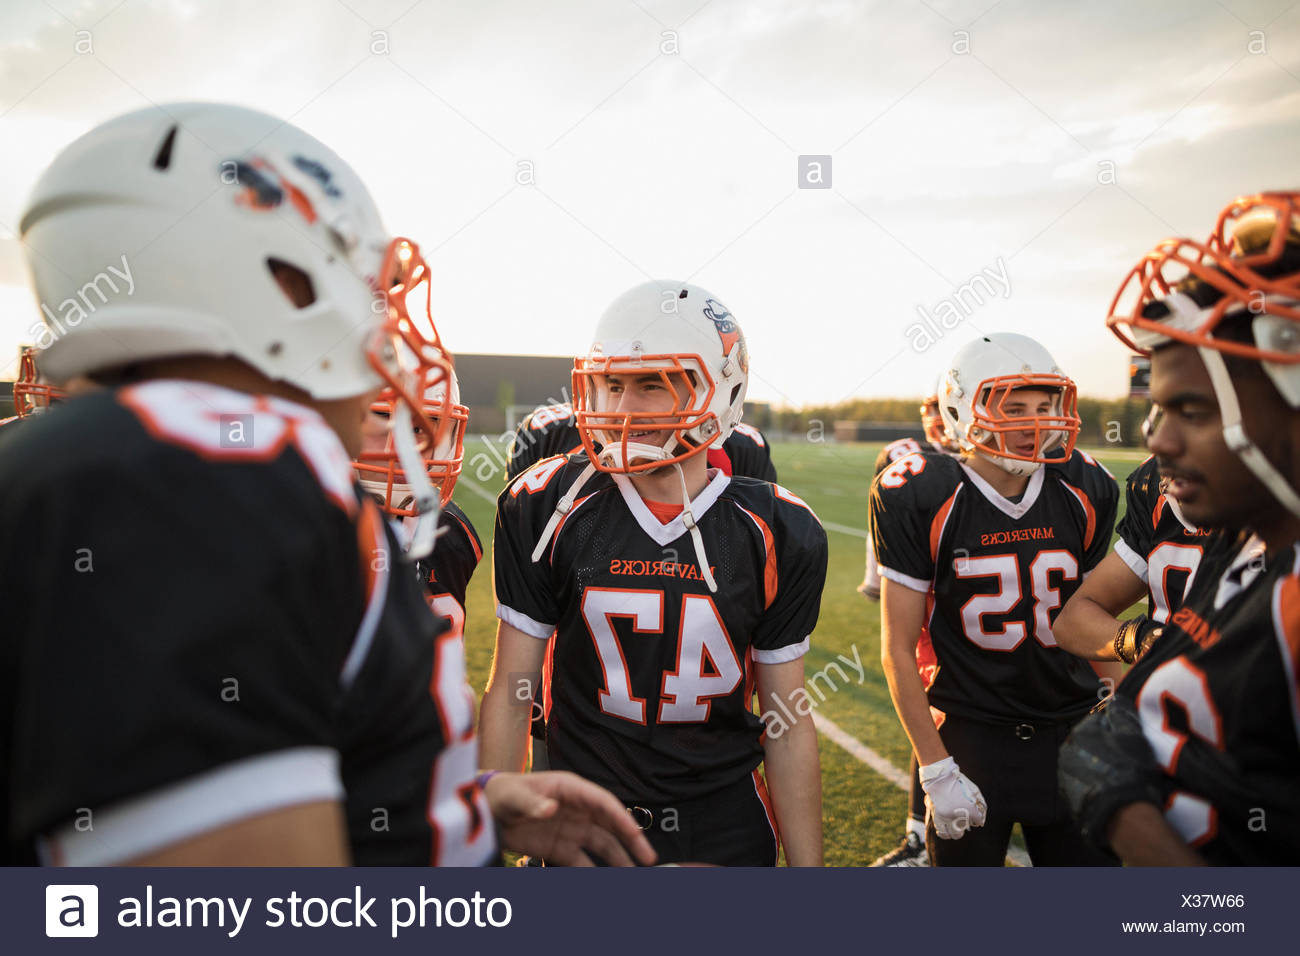 Adolescente hablando del equipo de fútbol americano a nivel high school en se apiñan en campo de fútbol Imagen De Stock